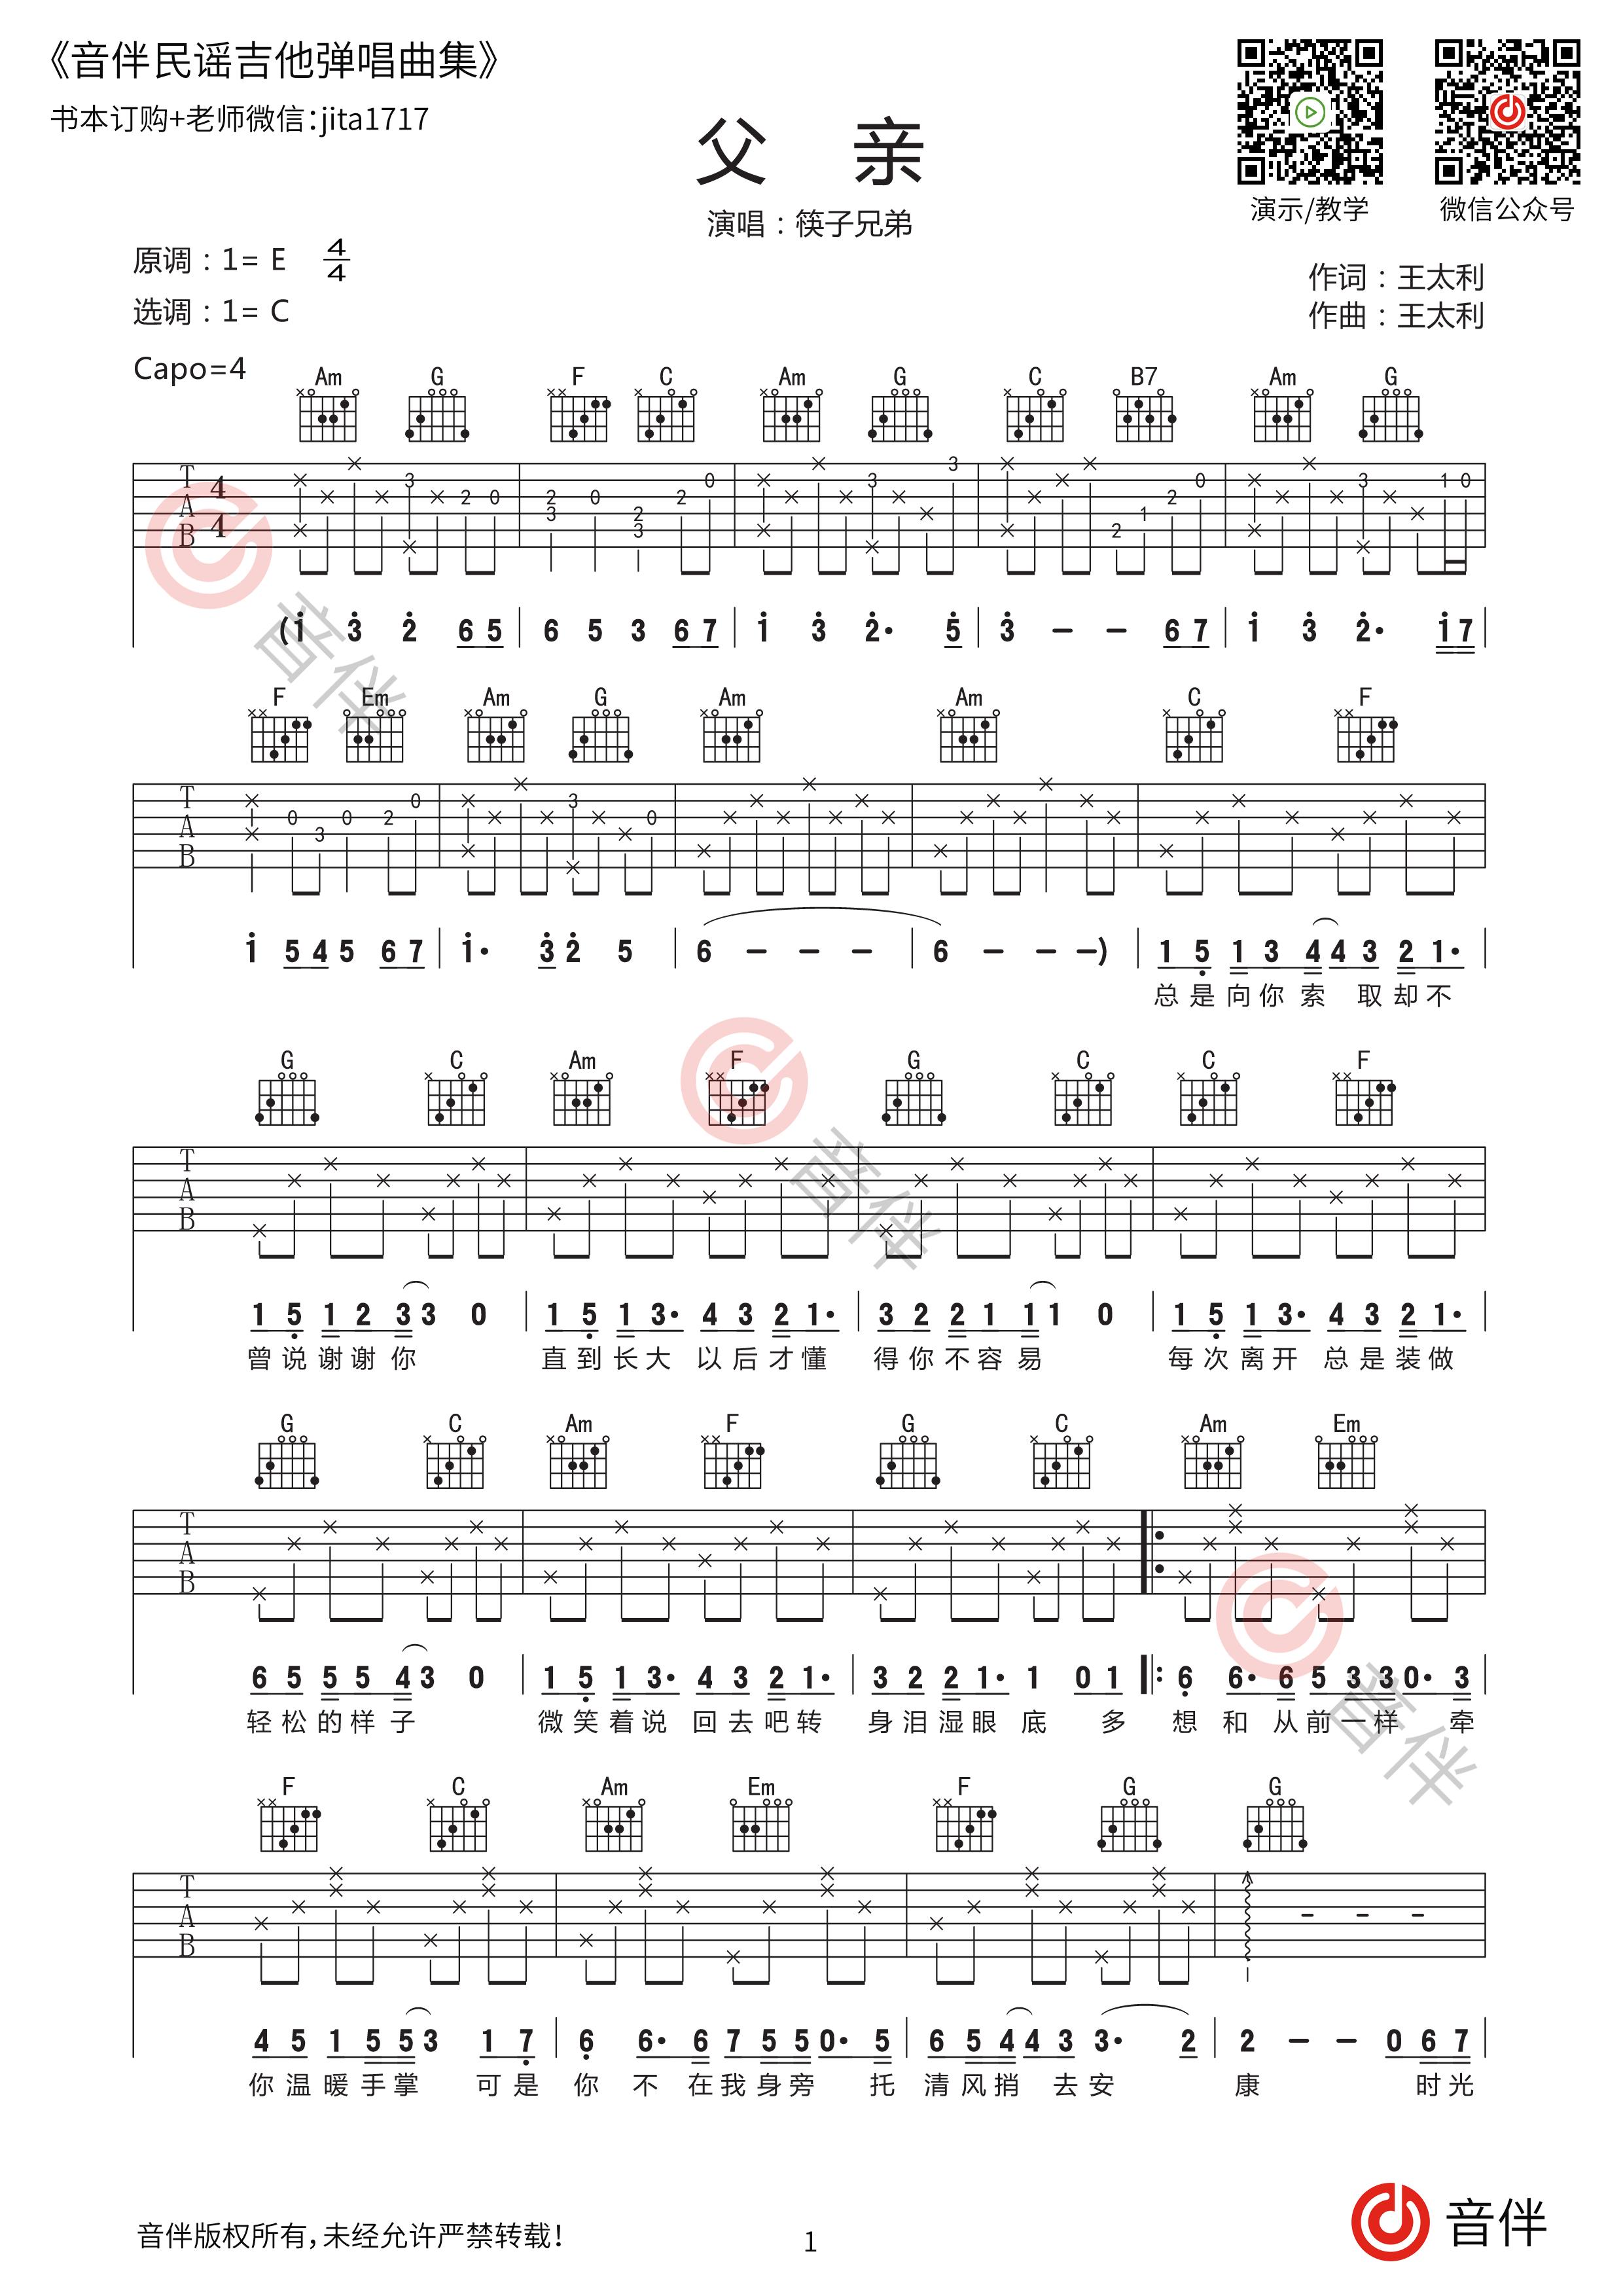 父亲吉他谱1